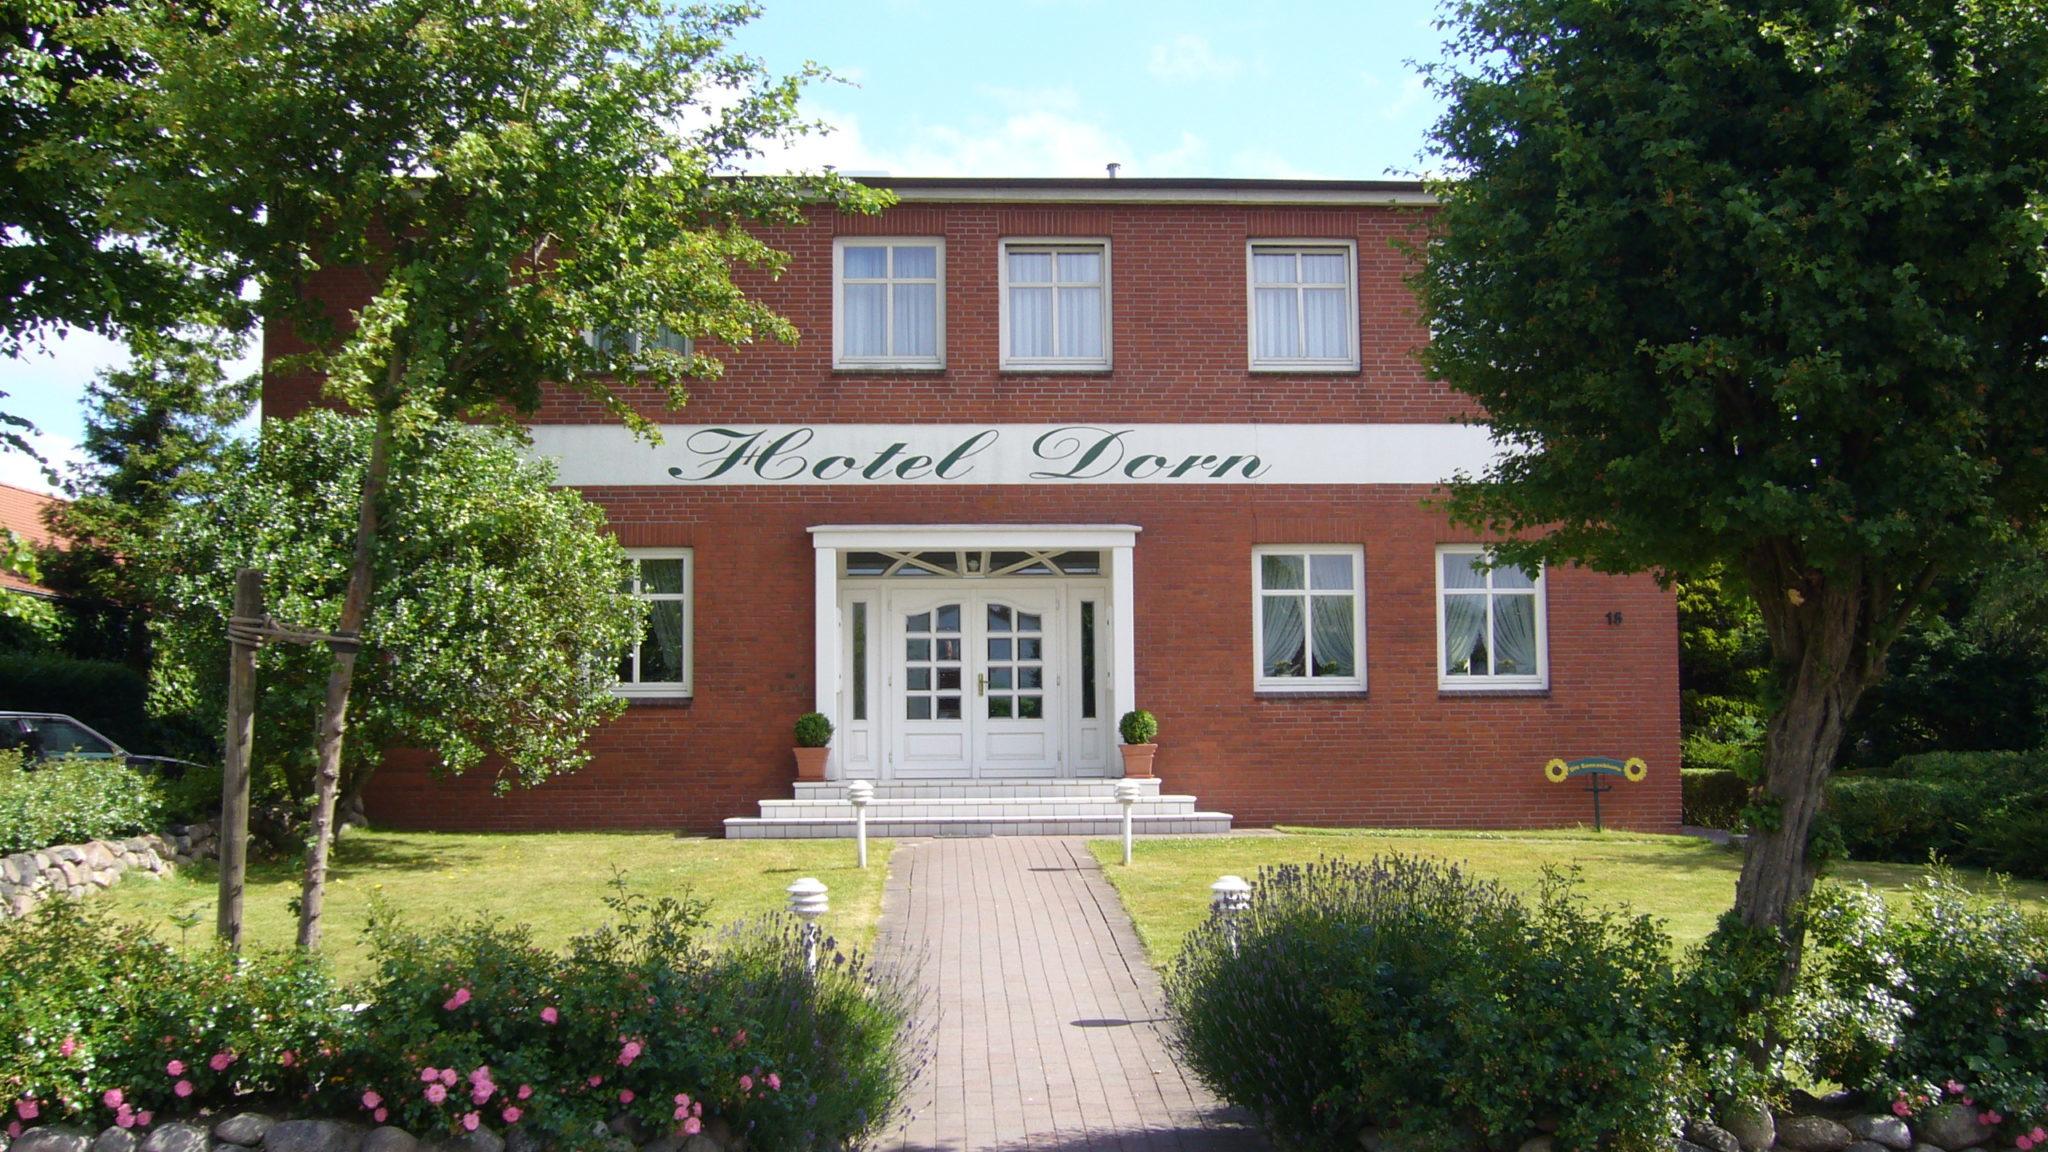 AKZENT Hotel Dorn in Büsum